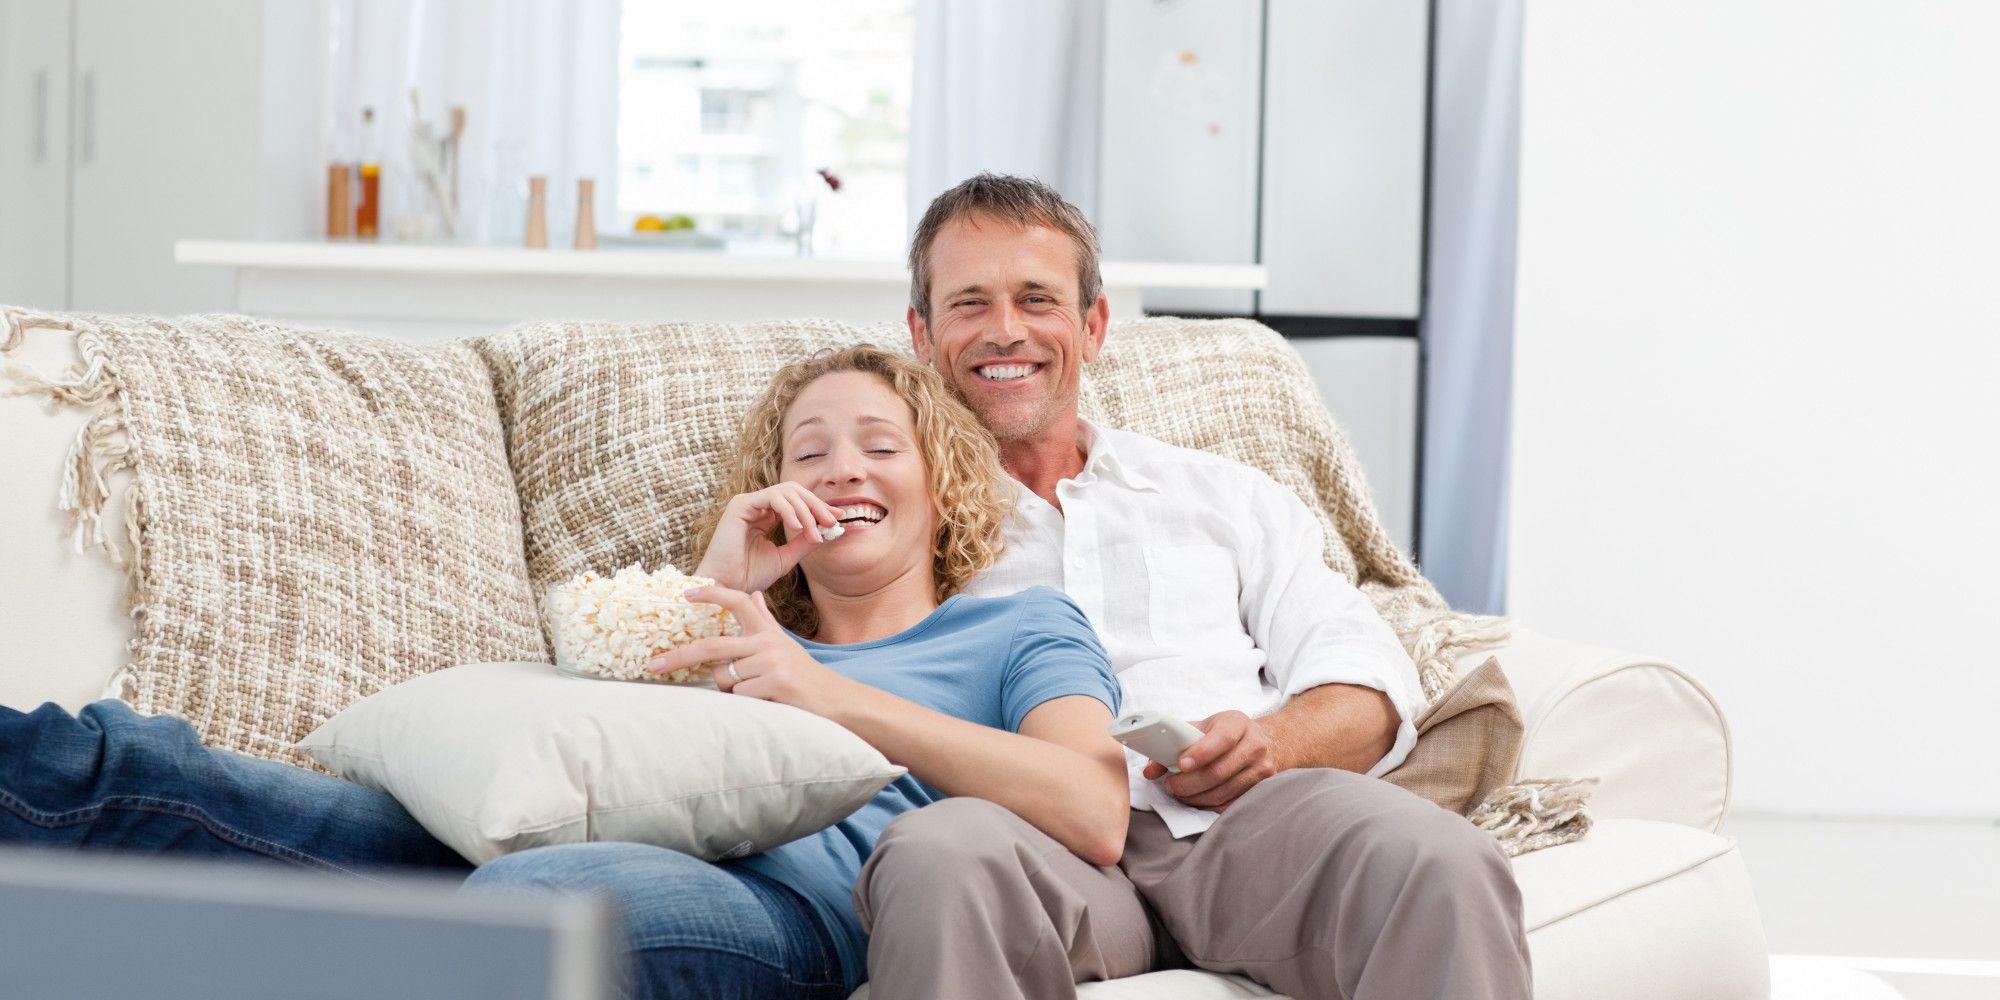 Résultats de recherche d'images pour «happy couple on couch»